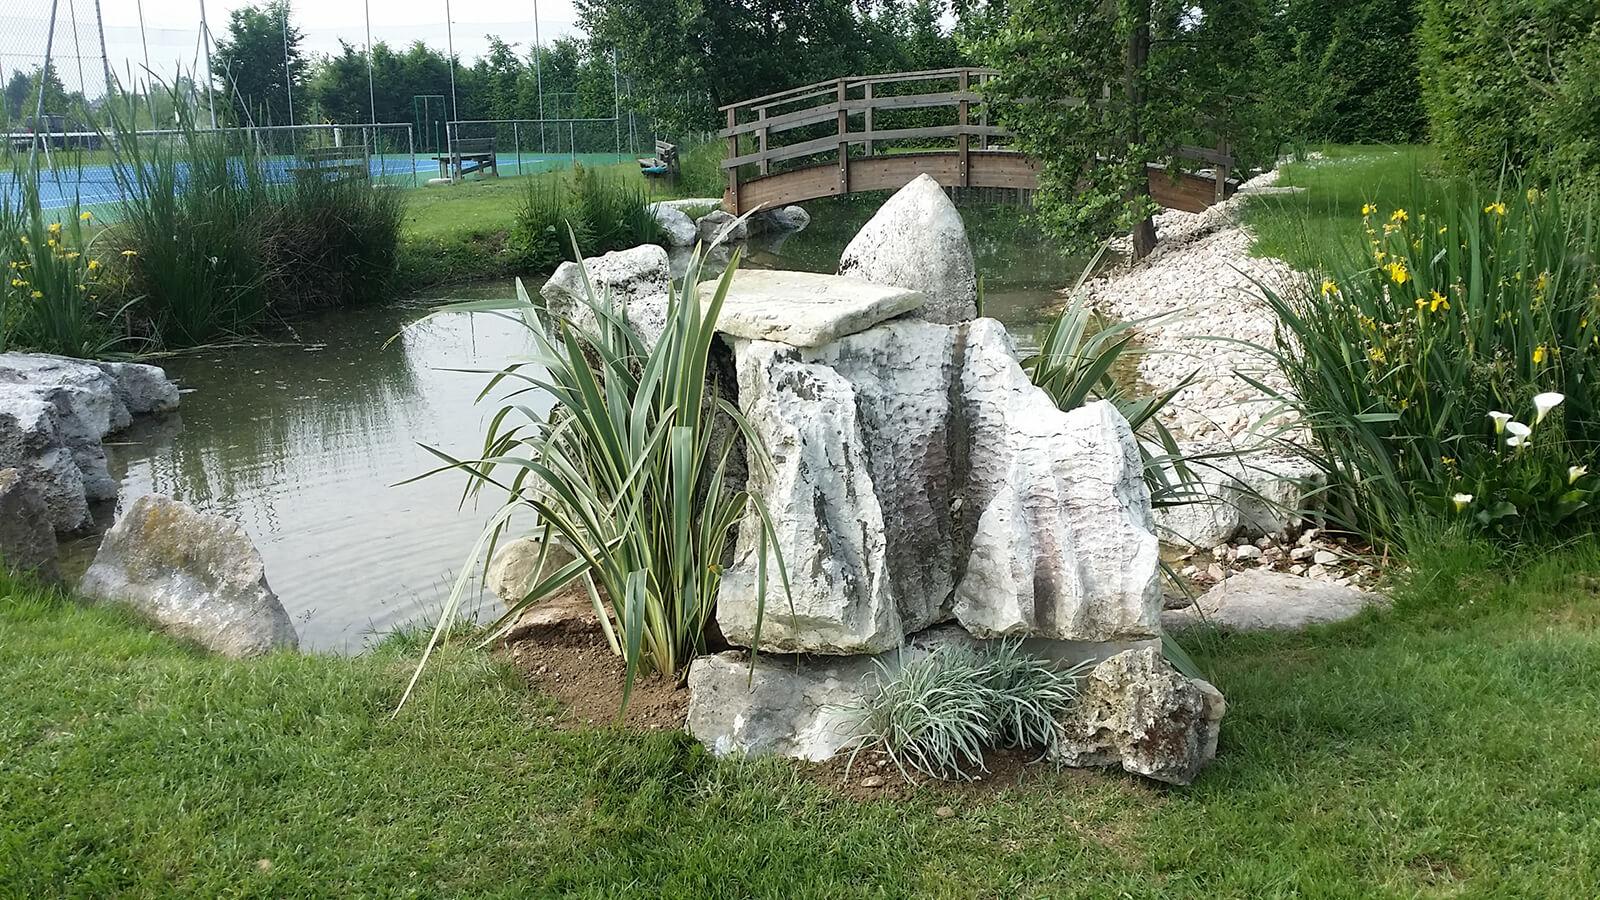 progettazione realizzazione giardini monticello conte otto - verde blu giardini 8